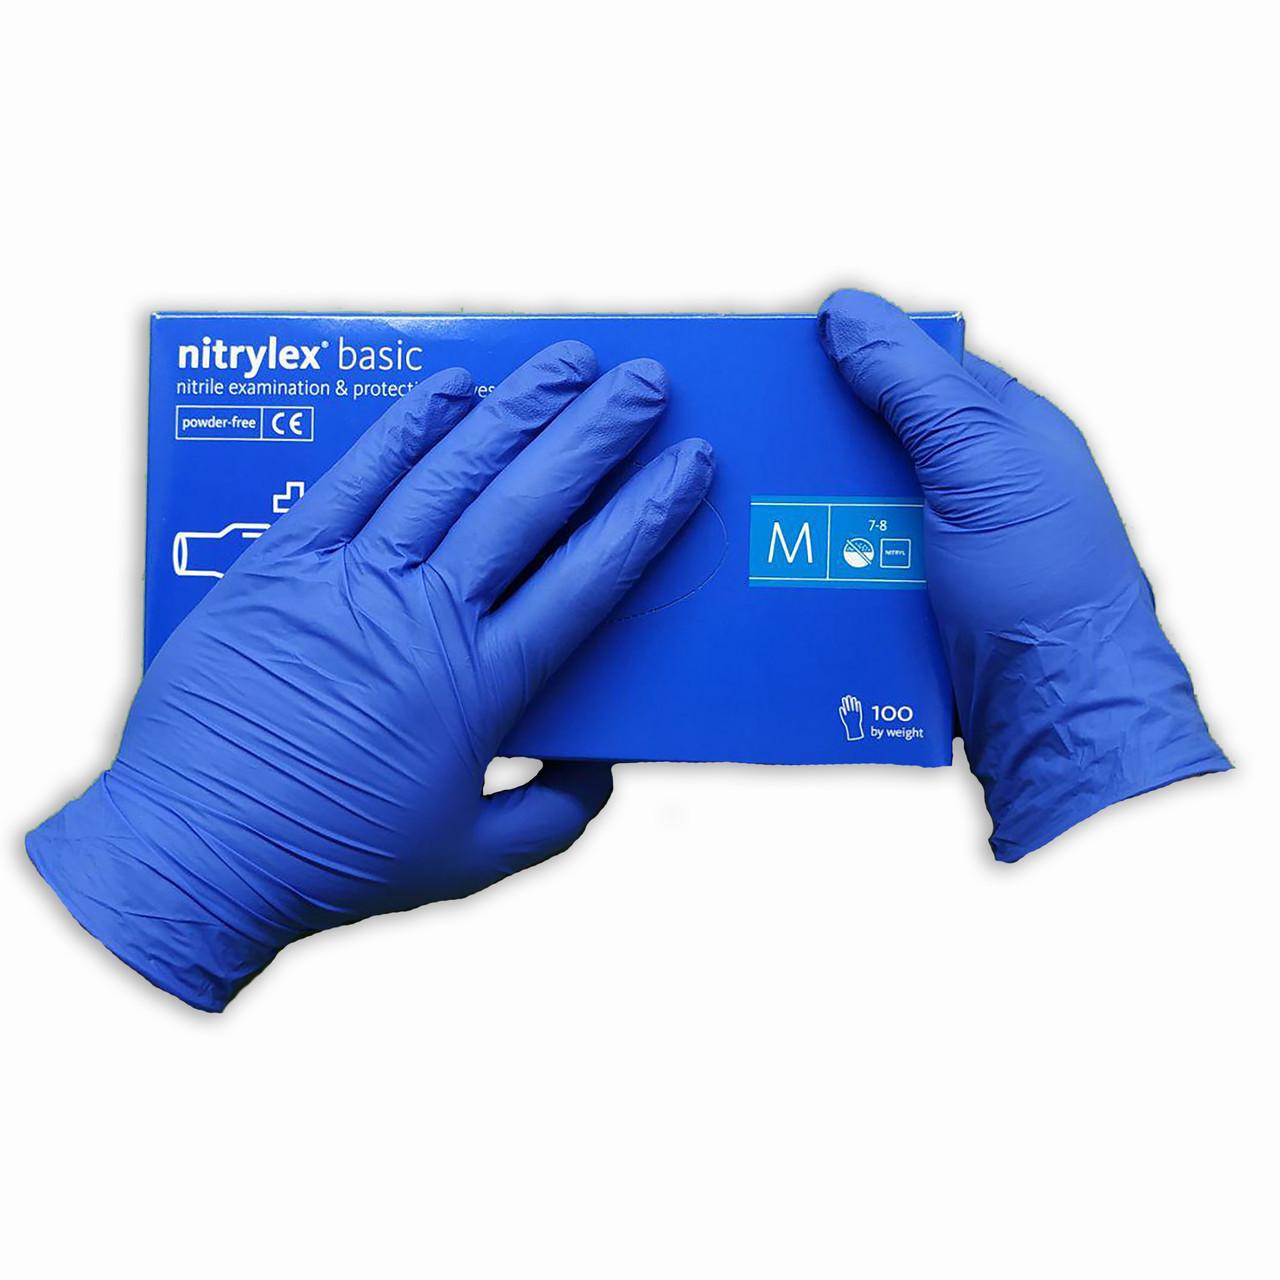 Перчатки нитиловые   Nitrylex Basic  одноразовые неопудренные нестерильные 200 шт  размер   M синие